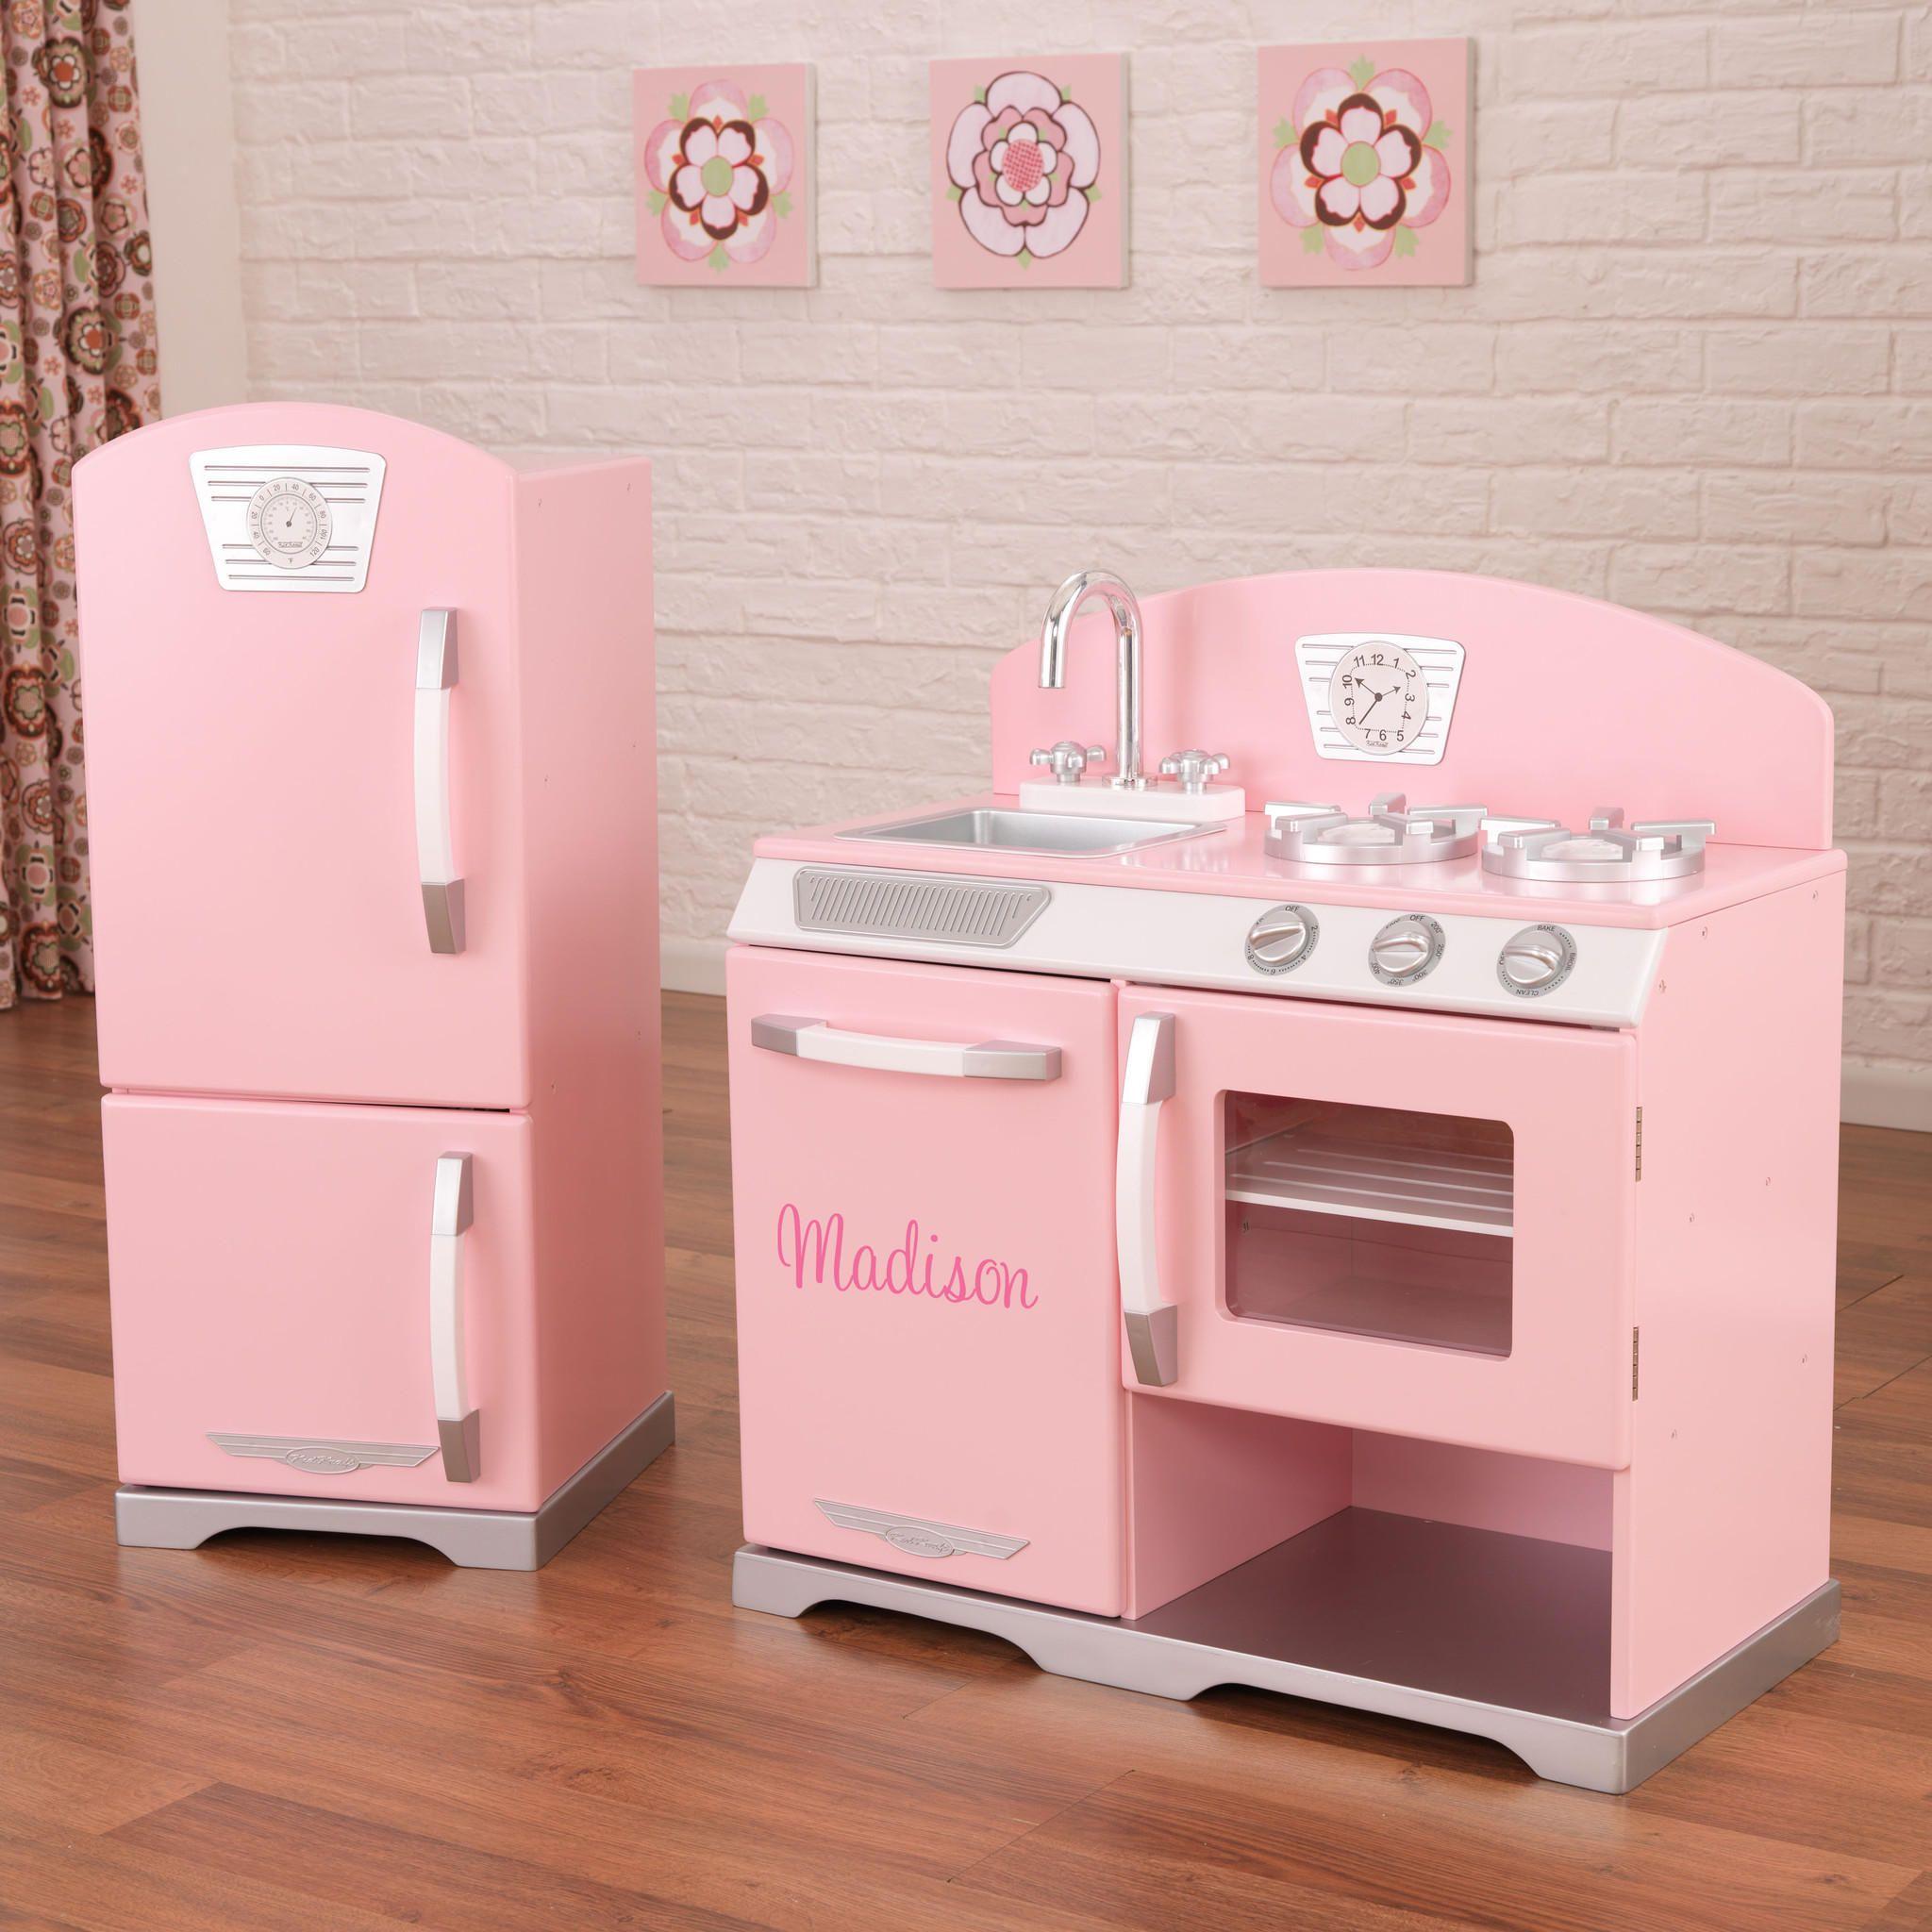 KidKraft Pink Retro Kitchen And Refrigerator From Nurzery - Kidkraft pink retro kitchen and refrigerator 53160